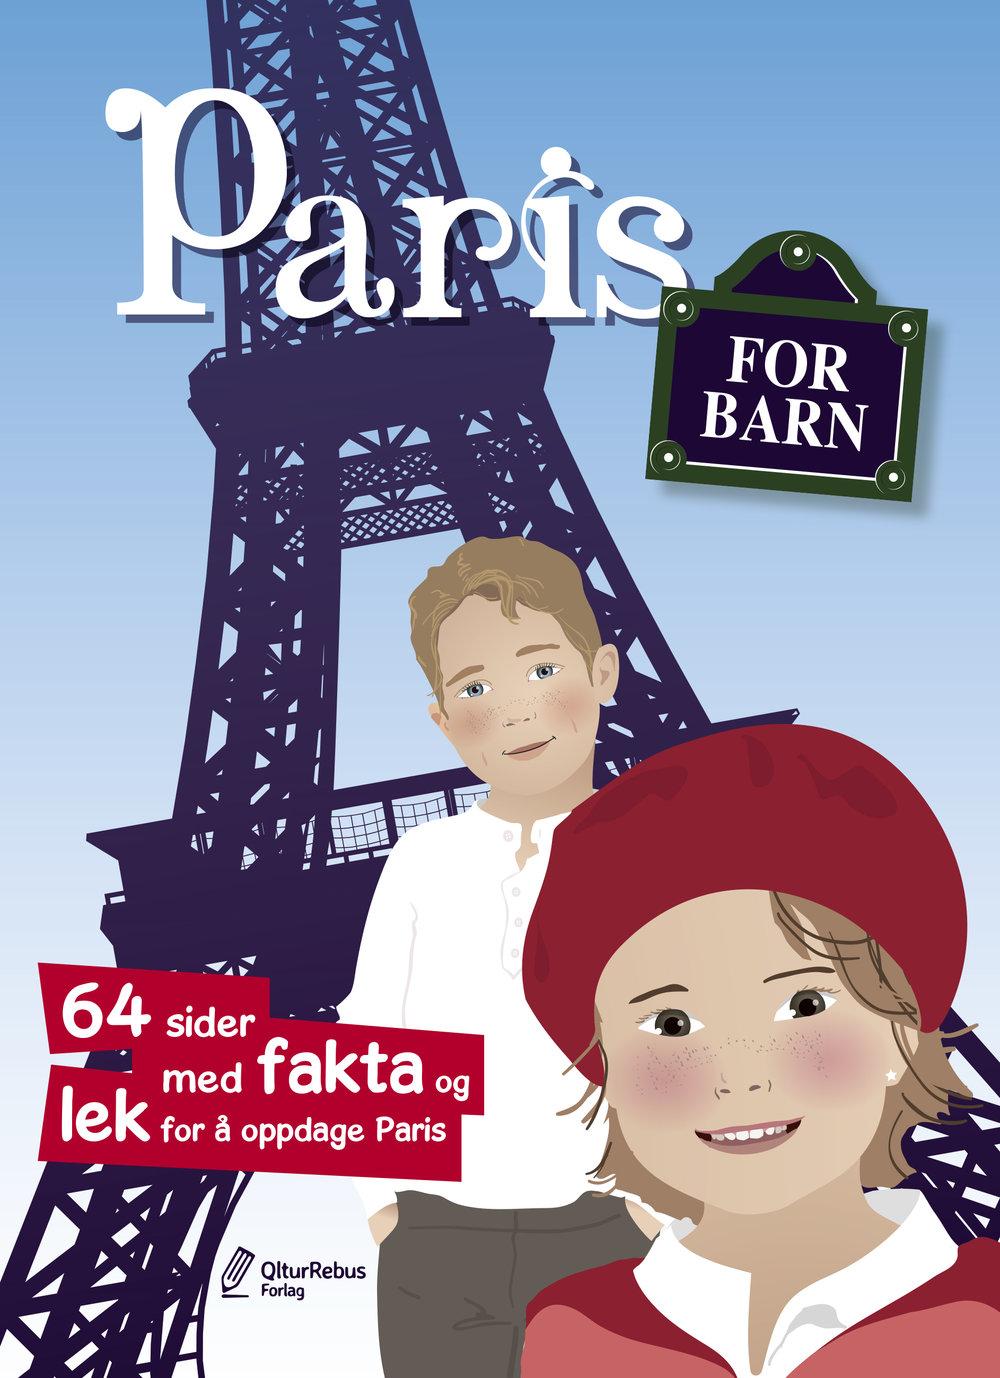 Paris for barn blåjpg1.jpg